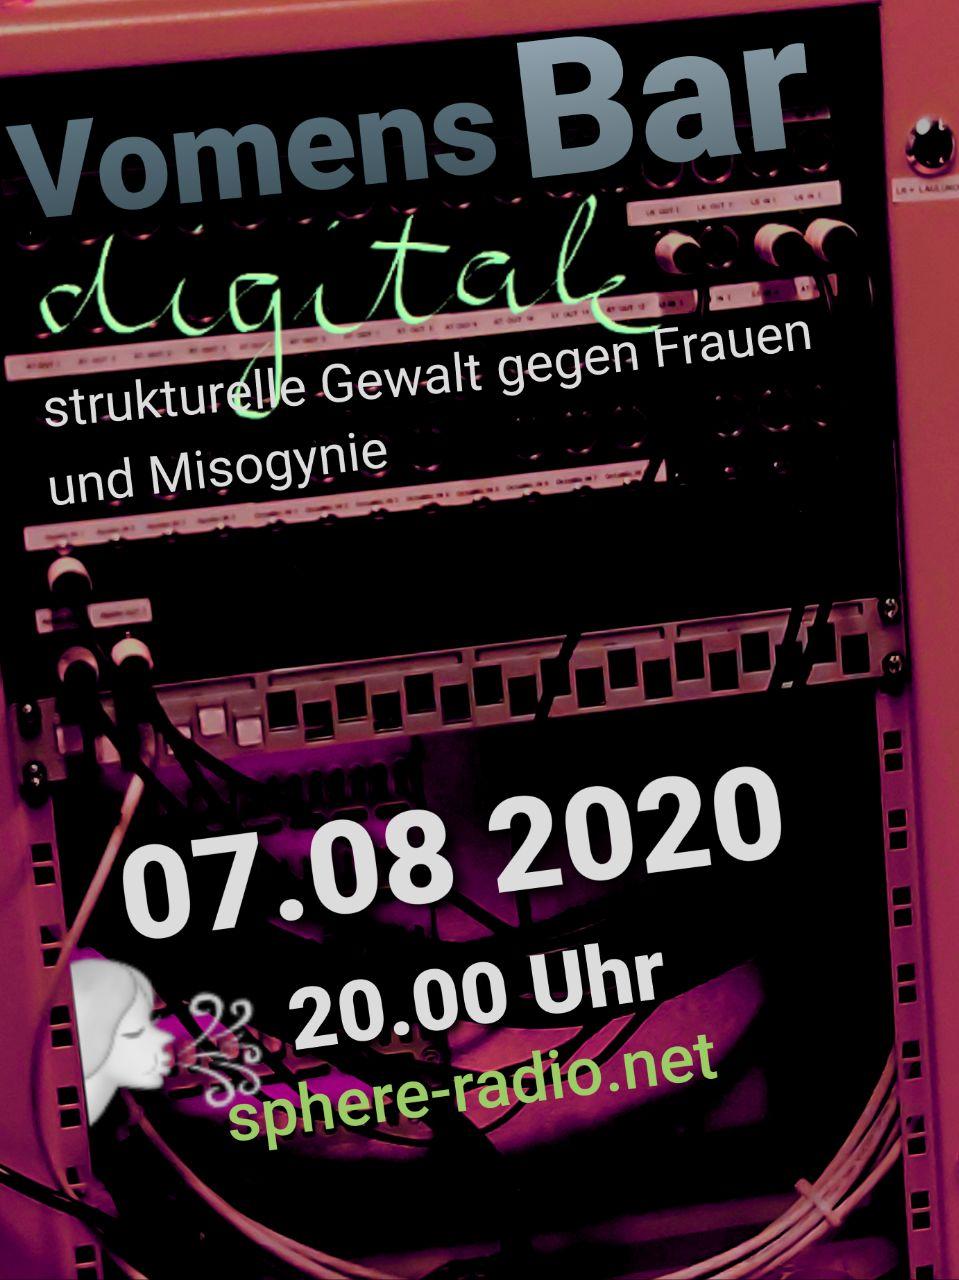 Vomens Bar Digitale: strukturelle Gewalt gegen Frauen und Misogynie